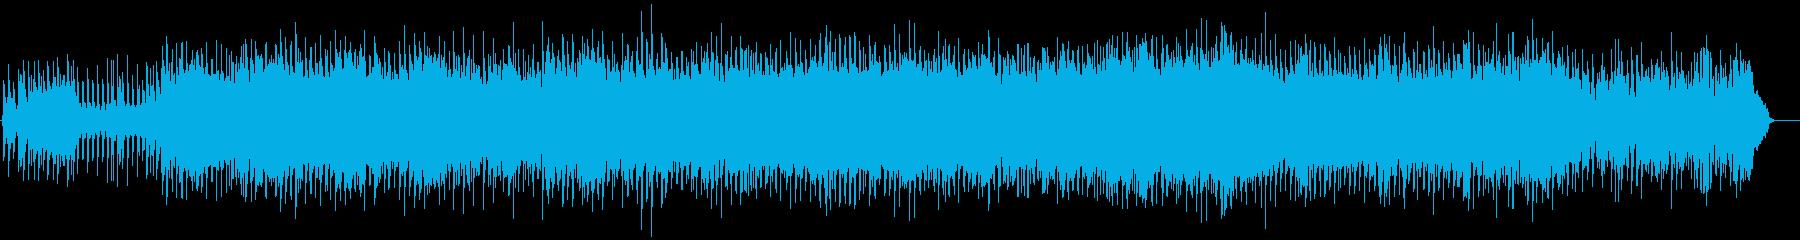 80年代ニューオーダー風のテクノポップの再生済みの波形